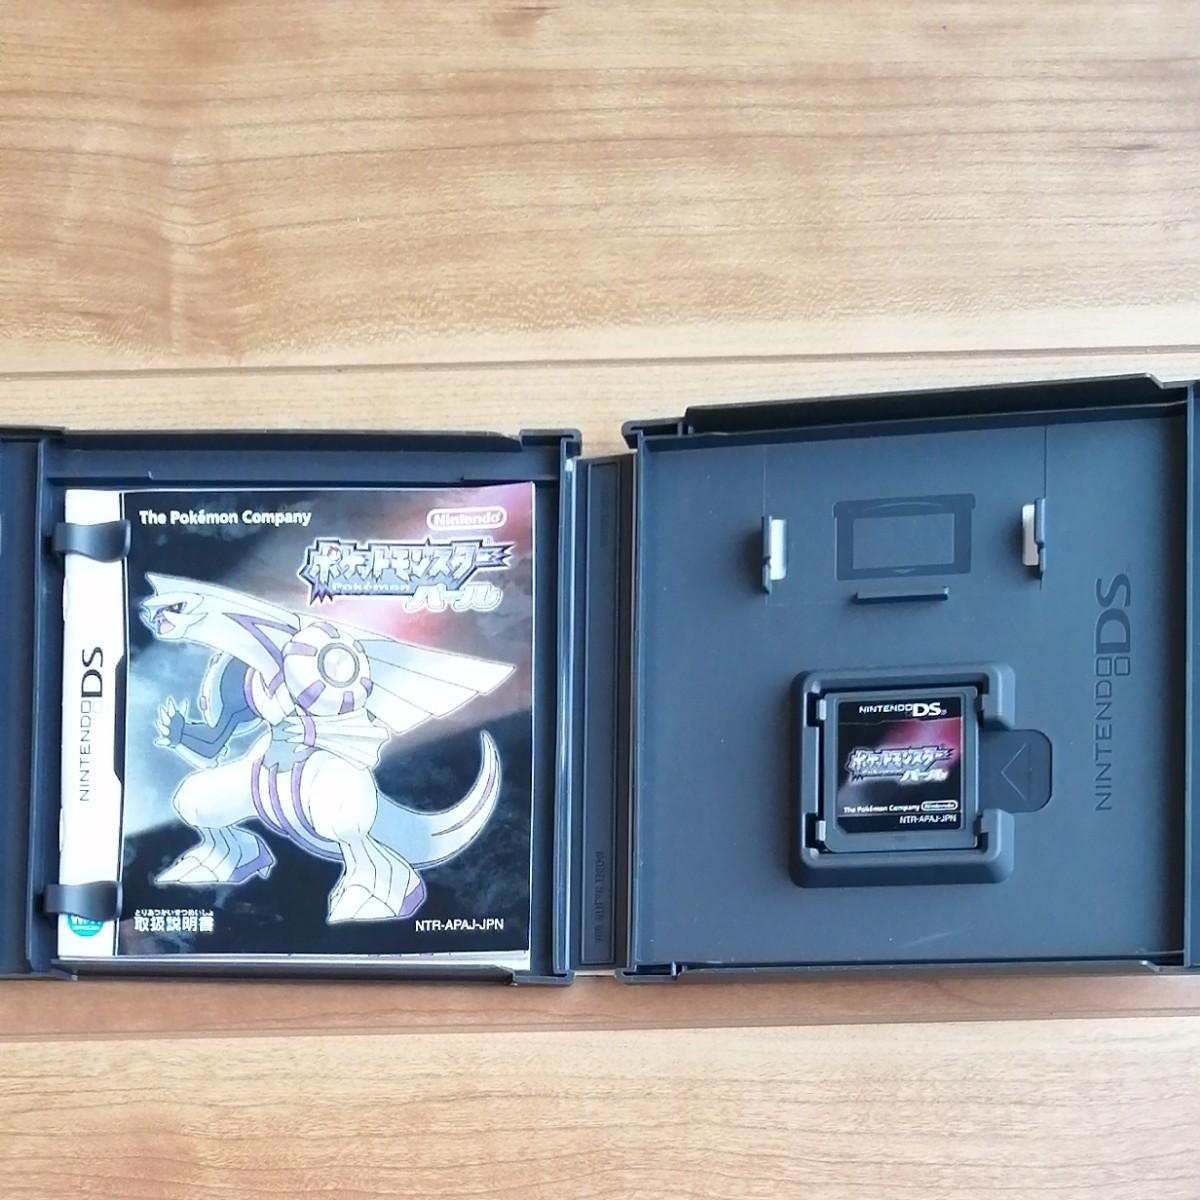 Nintendo DS ポケットモンスター パール ソフト